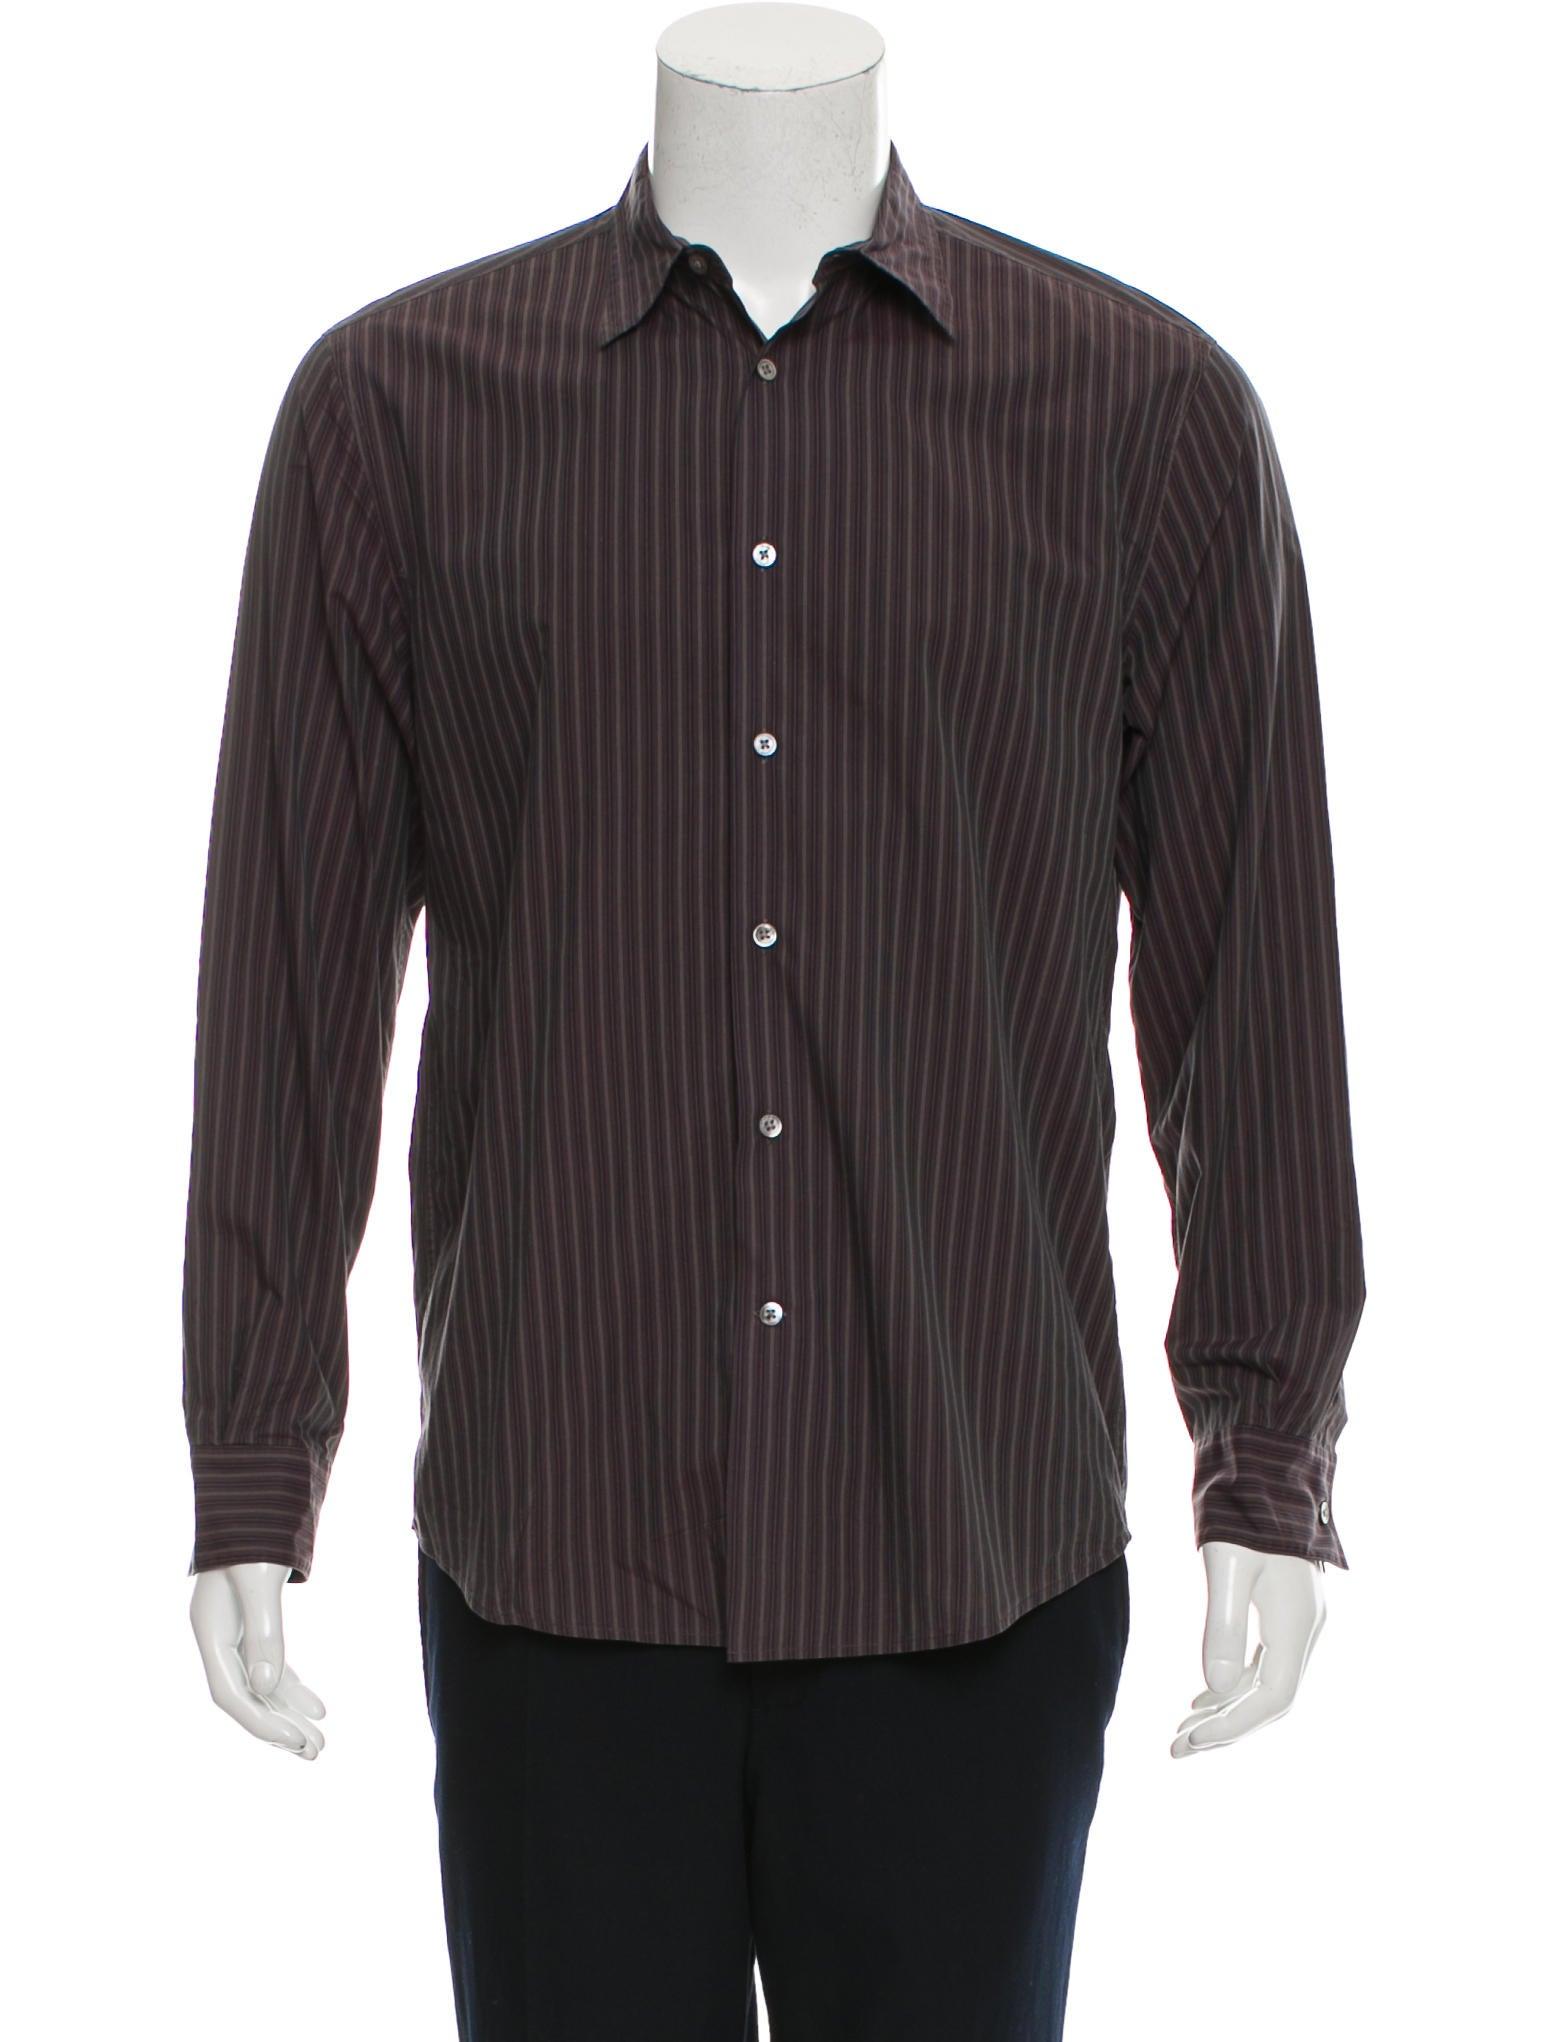 John varvatos striped button up shirt clothing for Striped button up shirt mens